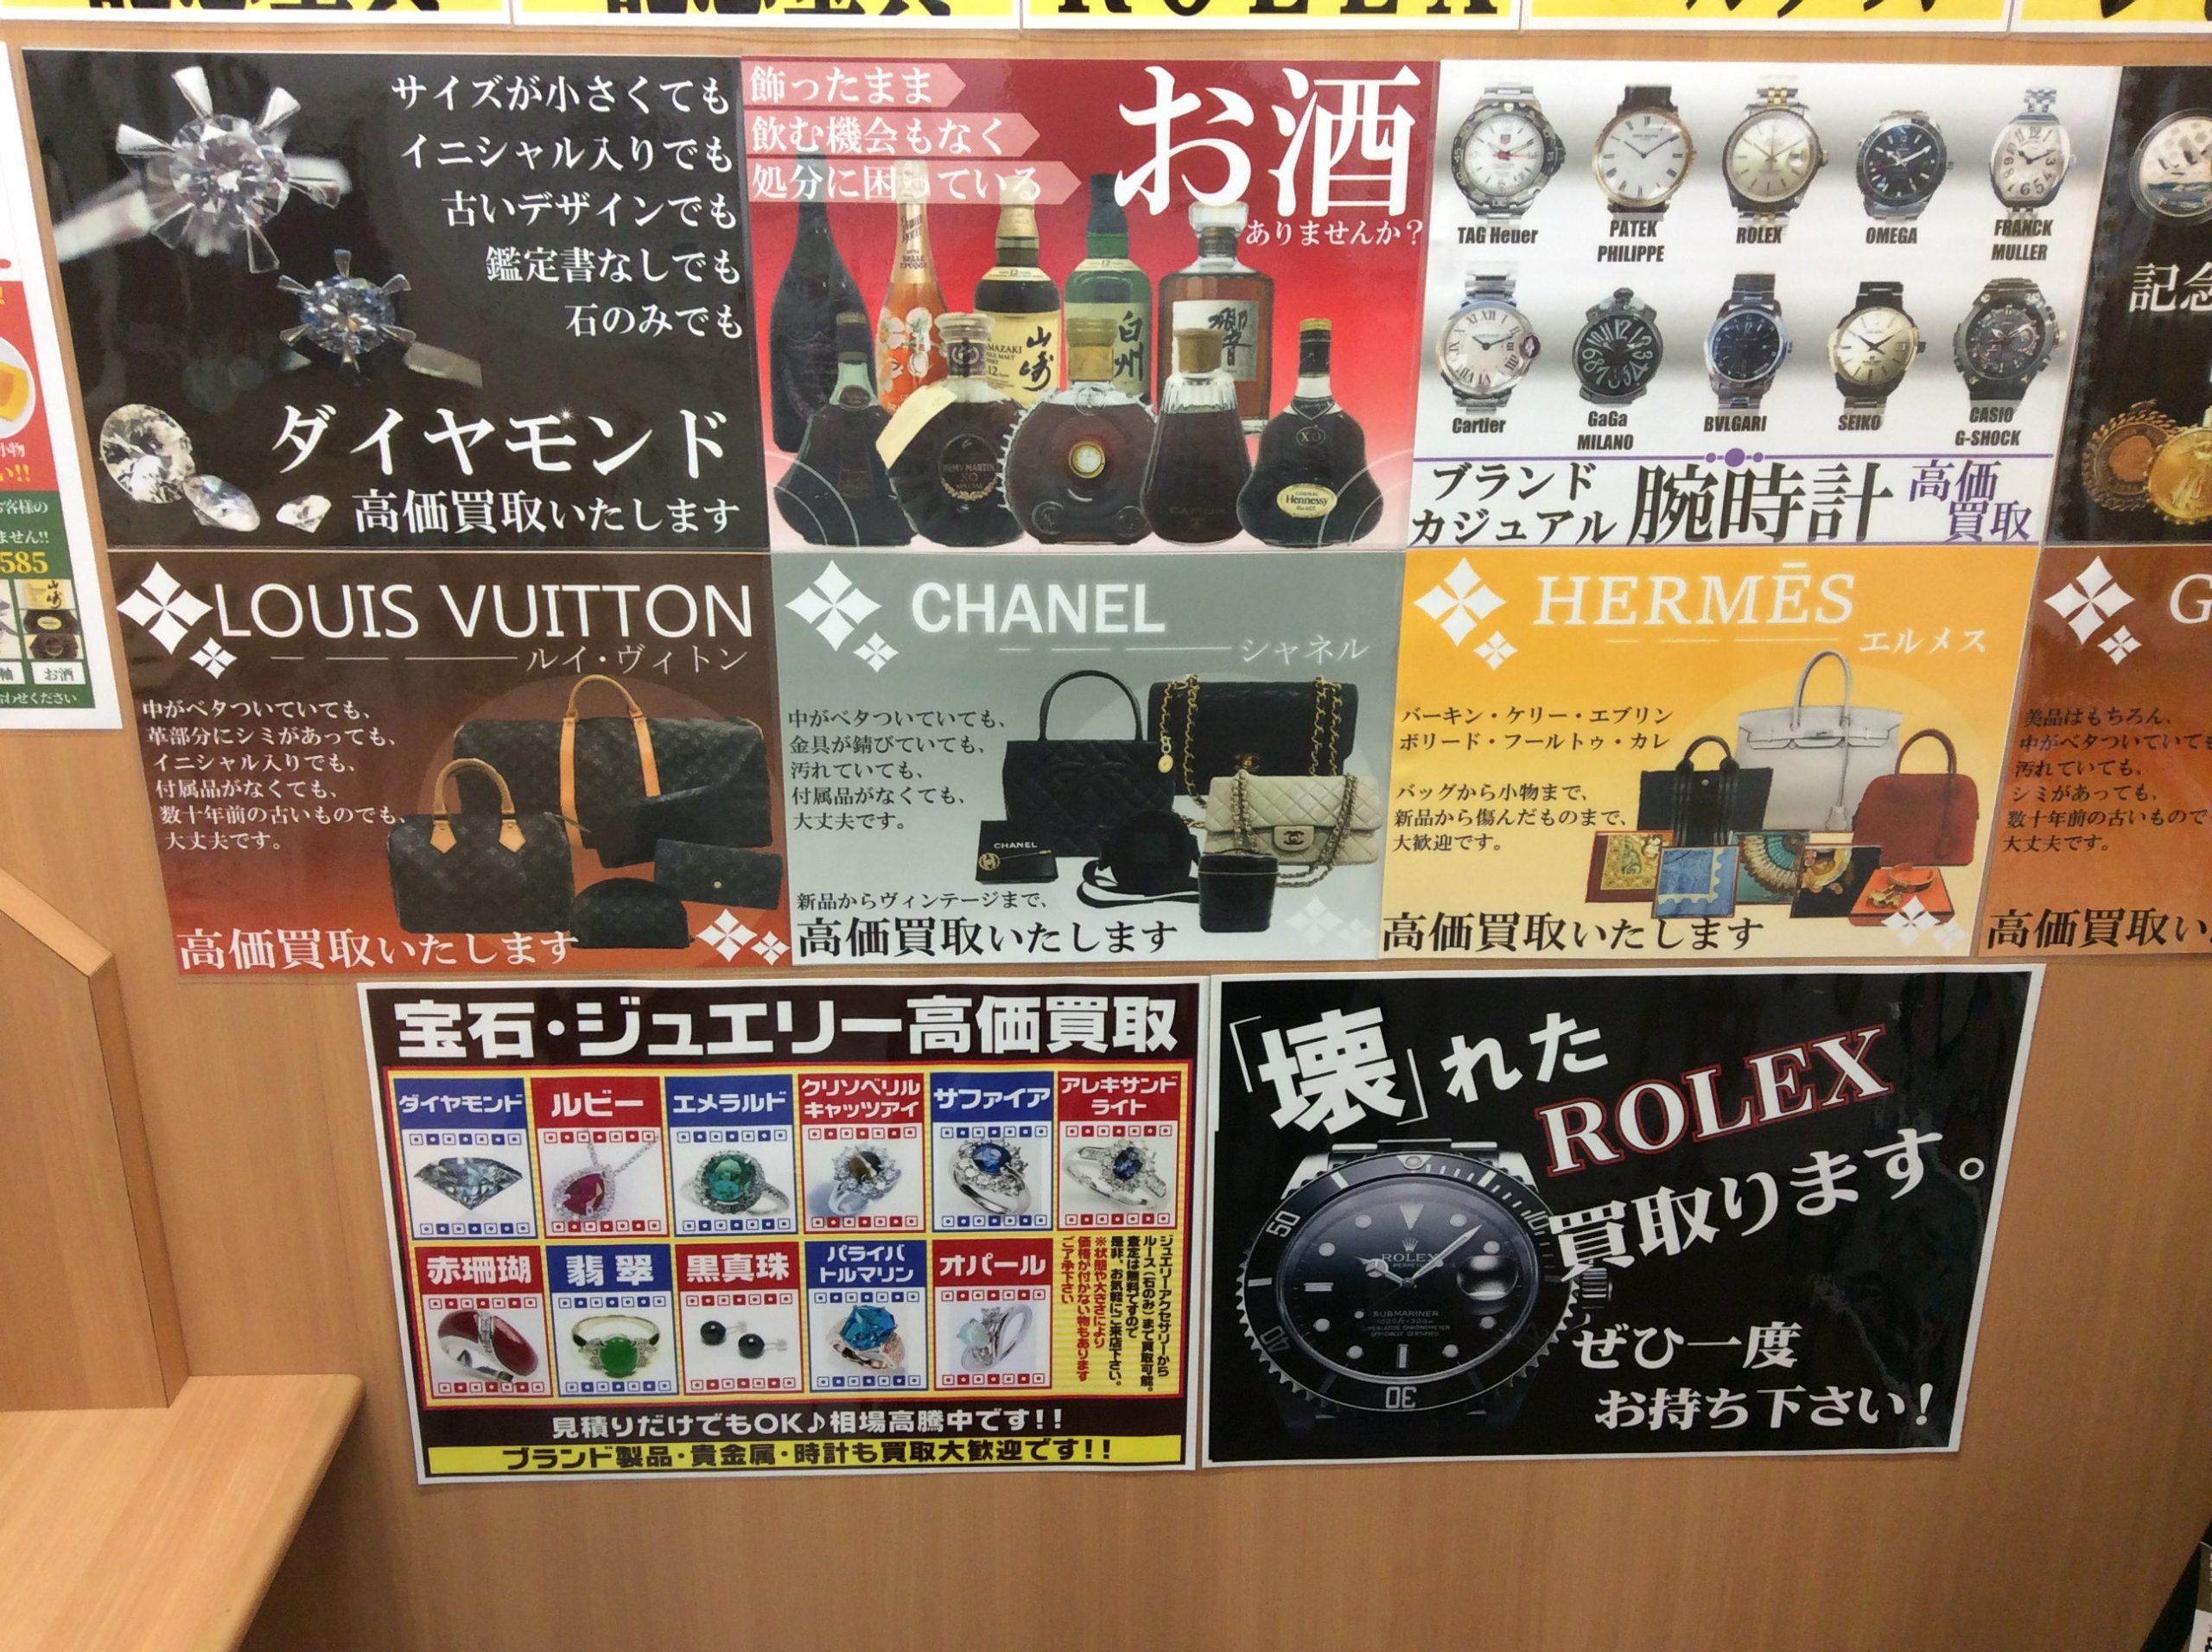 桂駅前店貴金属・ブランド品・時計などお買い取りしています。お気軽にご利用ください。